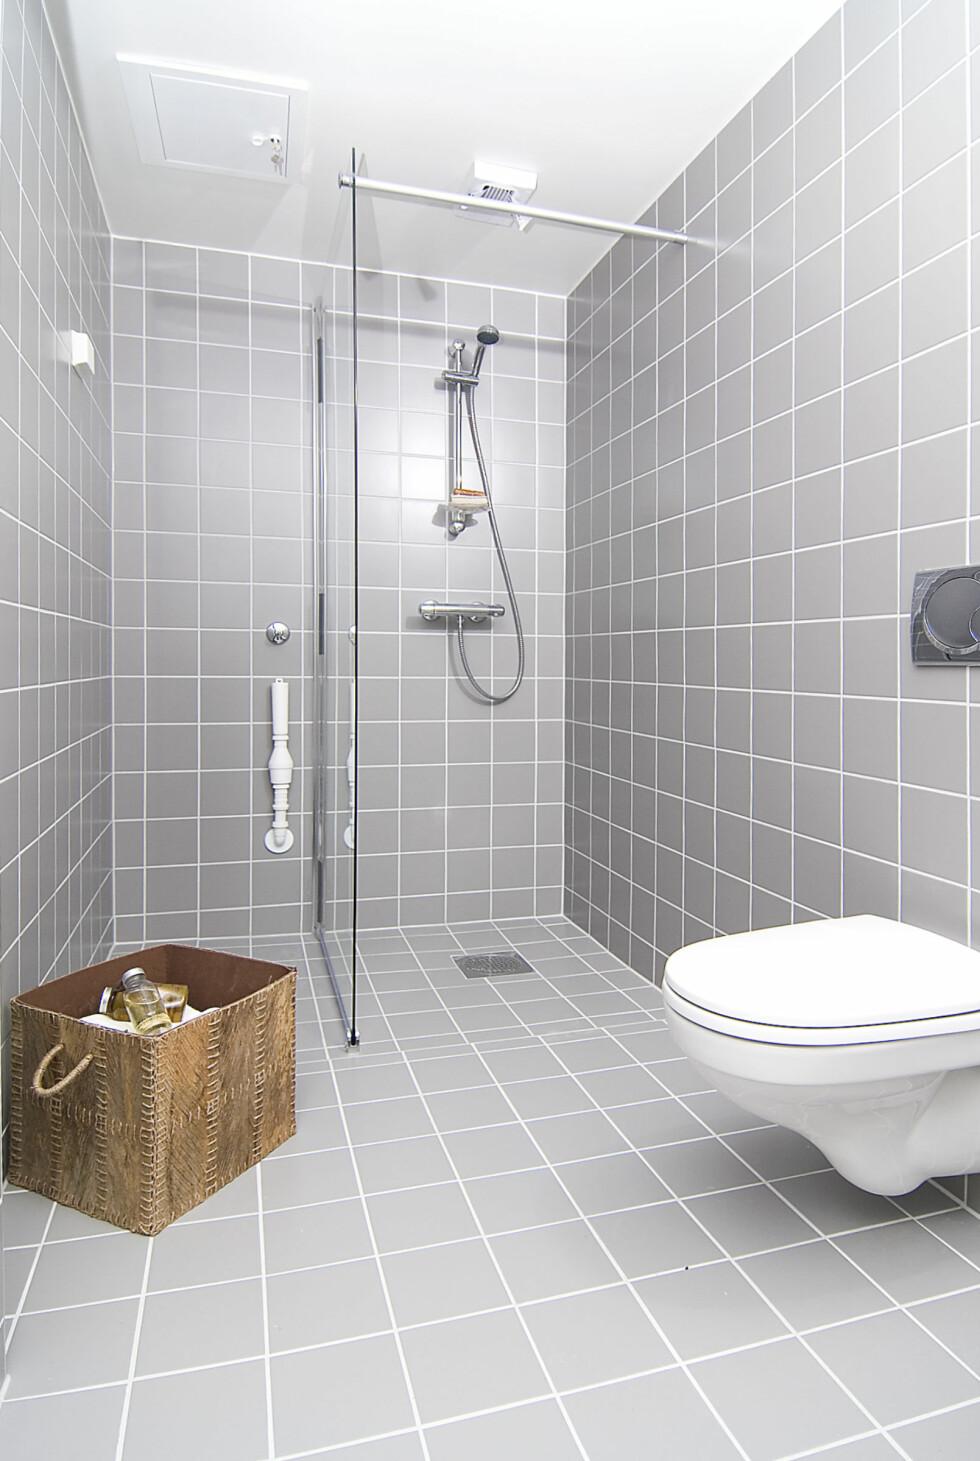 Badet stylet av Interior Deal AS. Foto: Foto: Garanti Eiendomsmegling